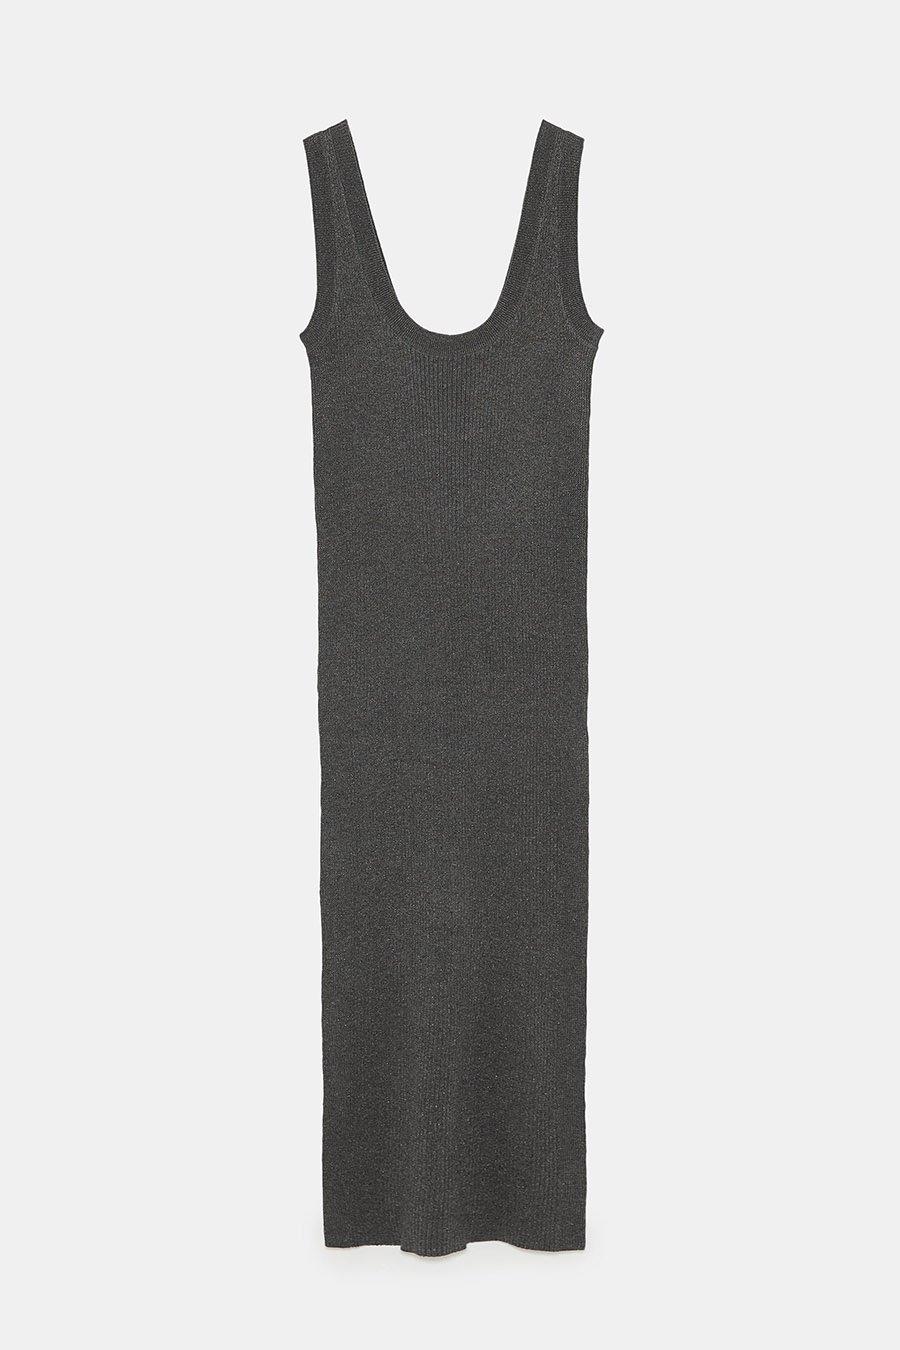 4e8811dd4 primera coleccion premama Zara vestido. El vestido ajustado que marca  embarazo también está en Zara